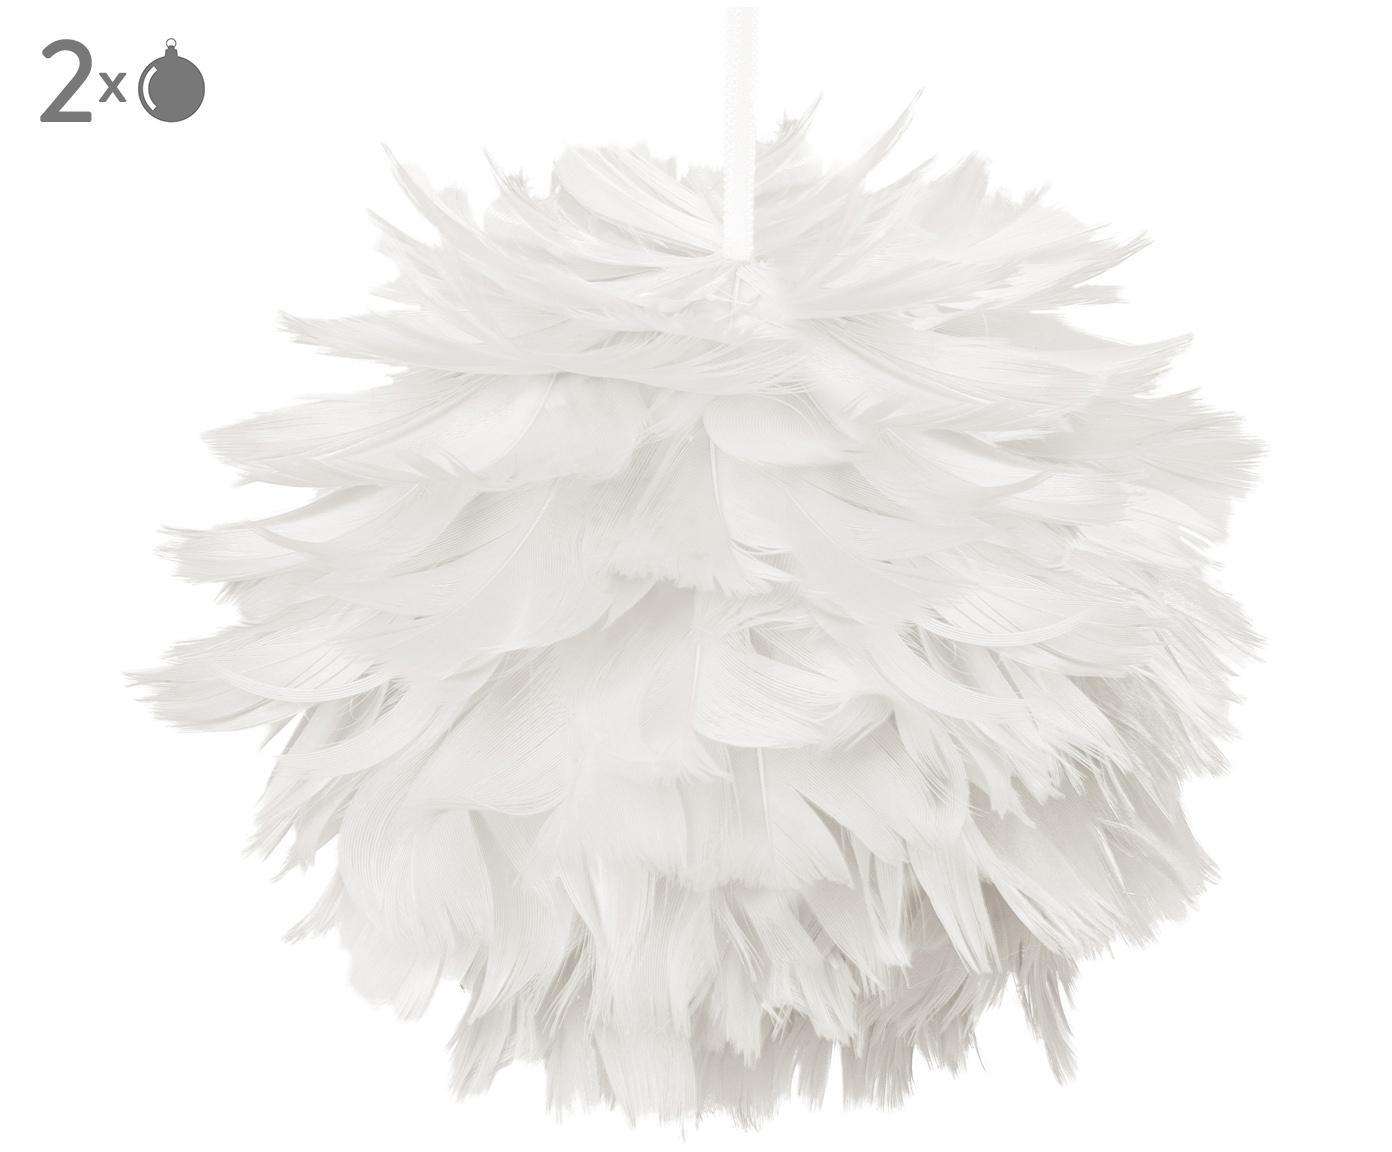 Ciondolo Fay 2 pz, Cinturino: materiale sintetico, Bianco, Ø 11 cm